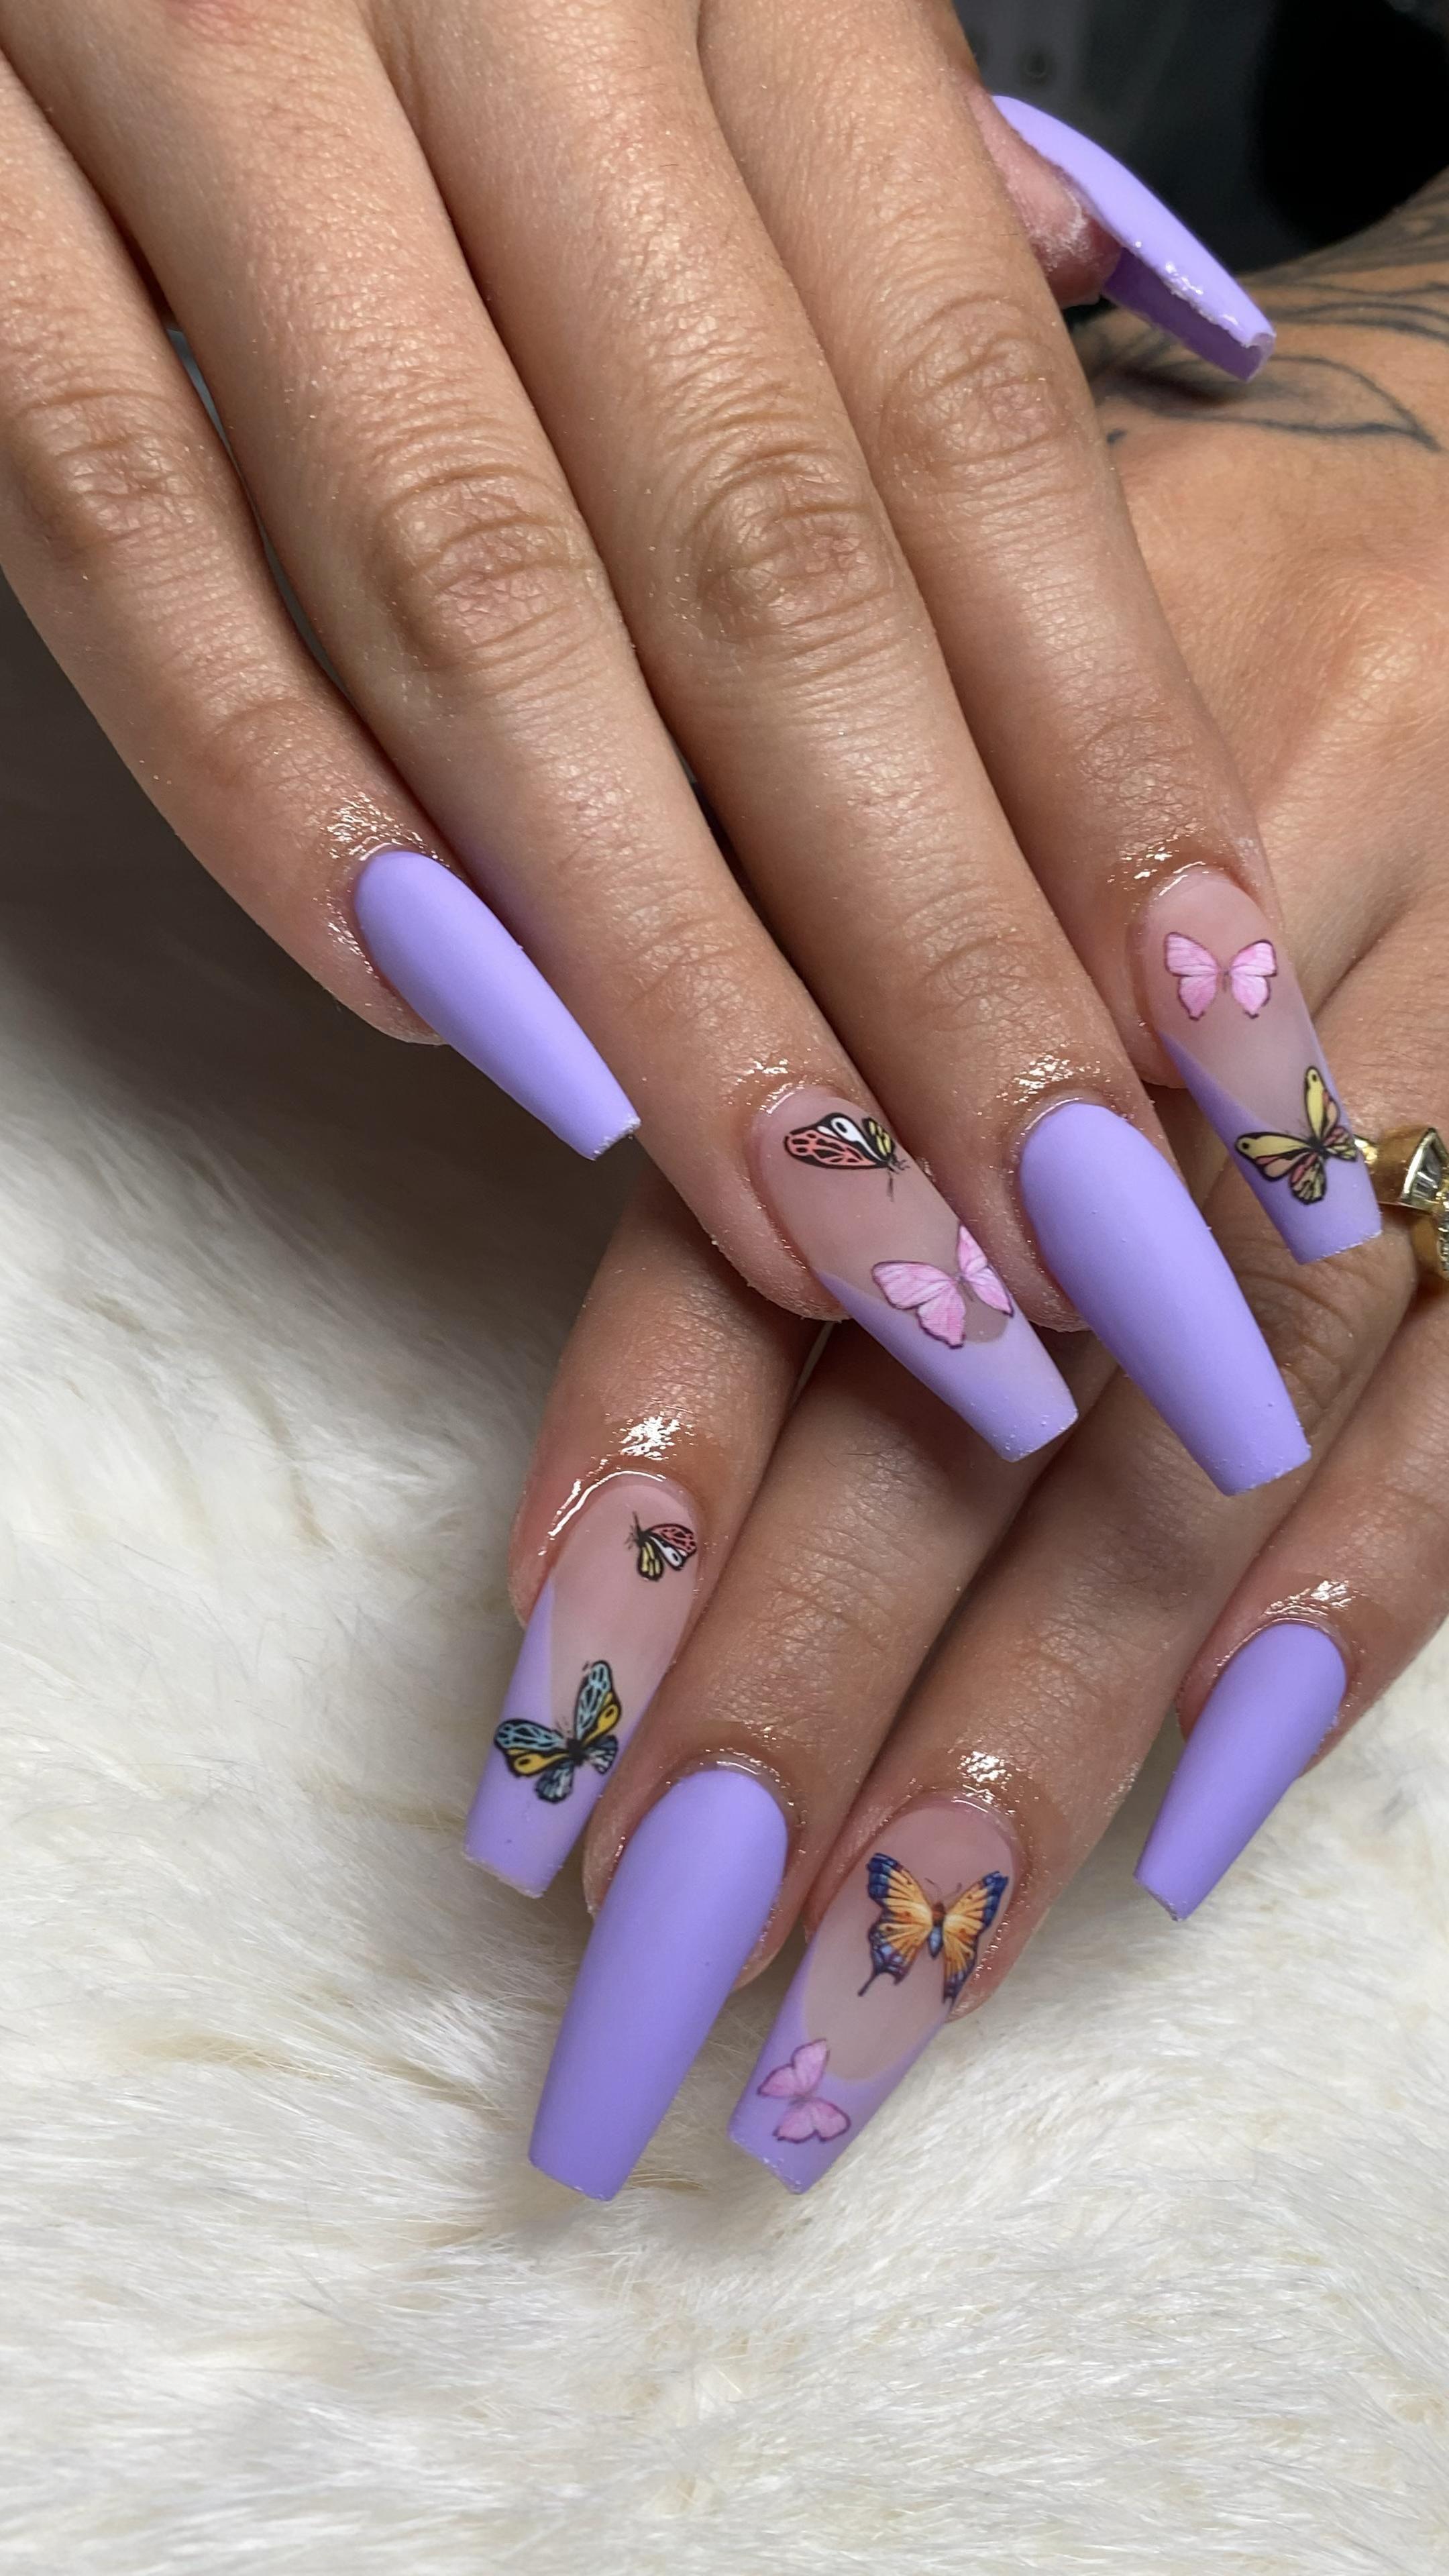 Butterfly Nail Art Matte Purple Acrylic Nails In 2020 Purple Acrylic Nails Gel Nails Purple Nails